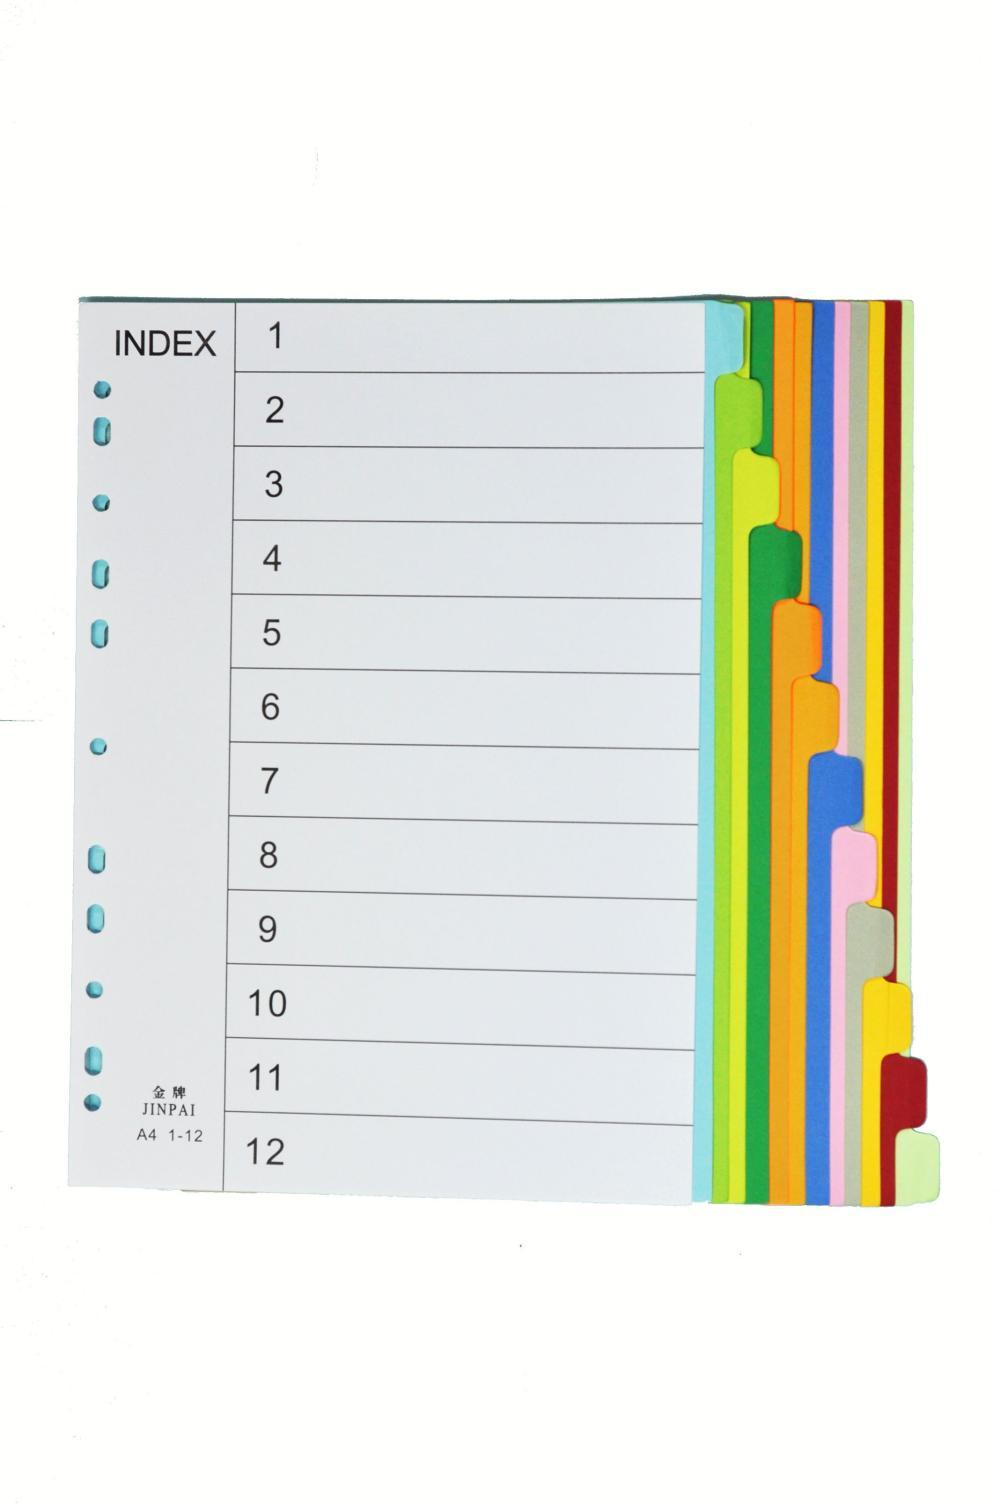 弘文彩色1-12纸质分页纸 索引纸 A4 12页分类纸 隔页纸